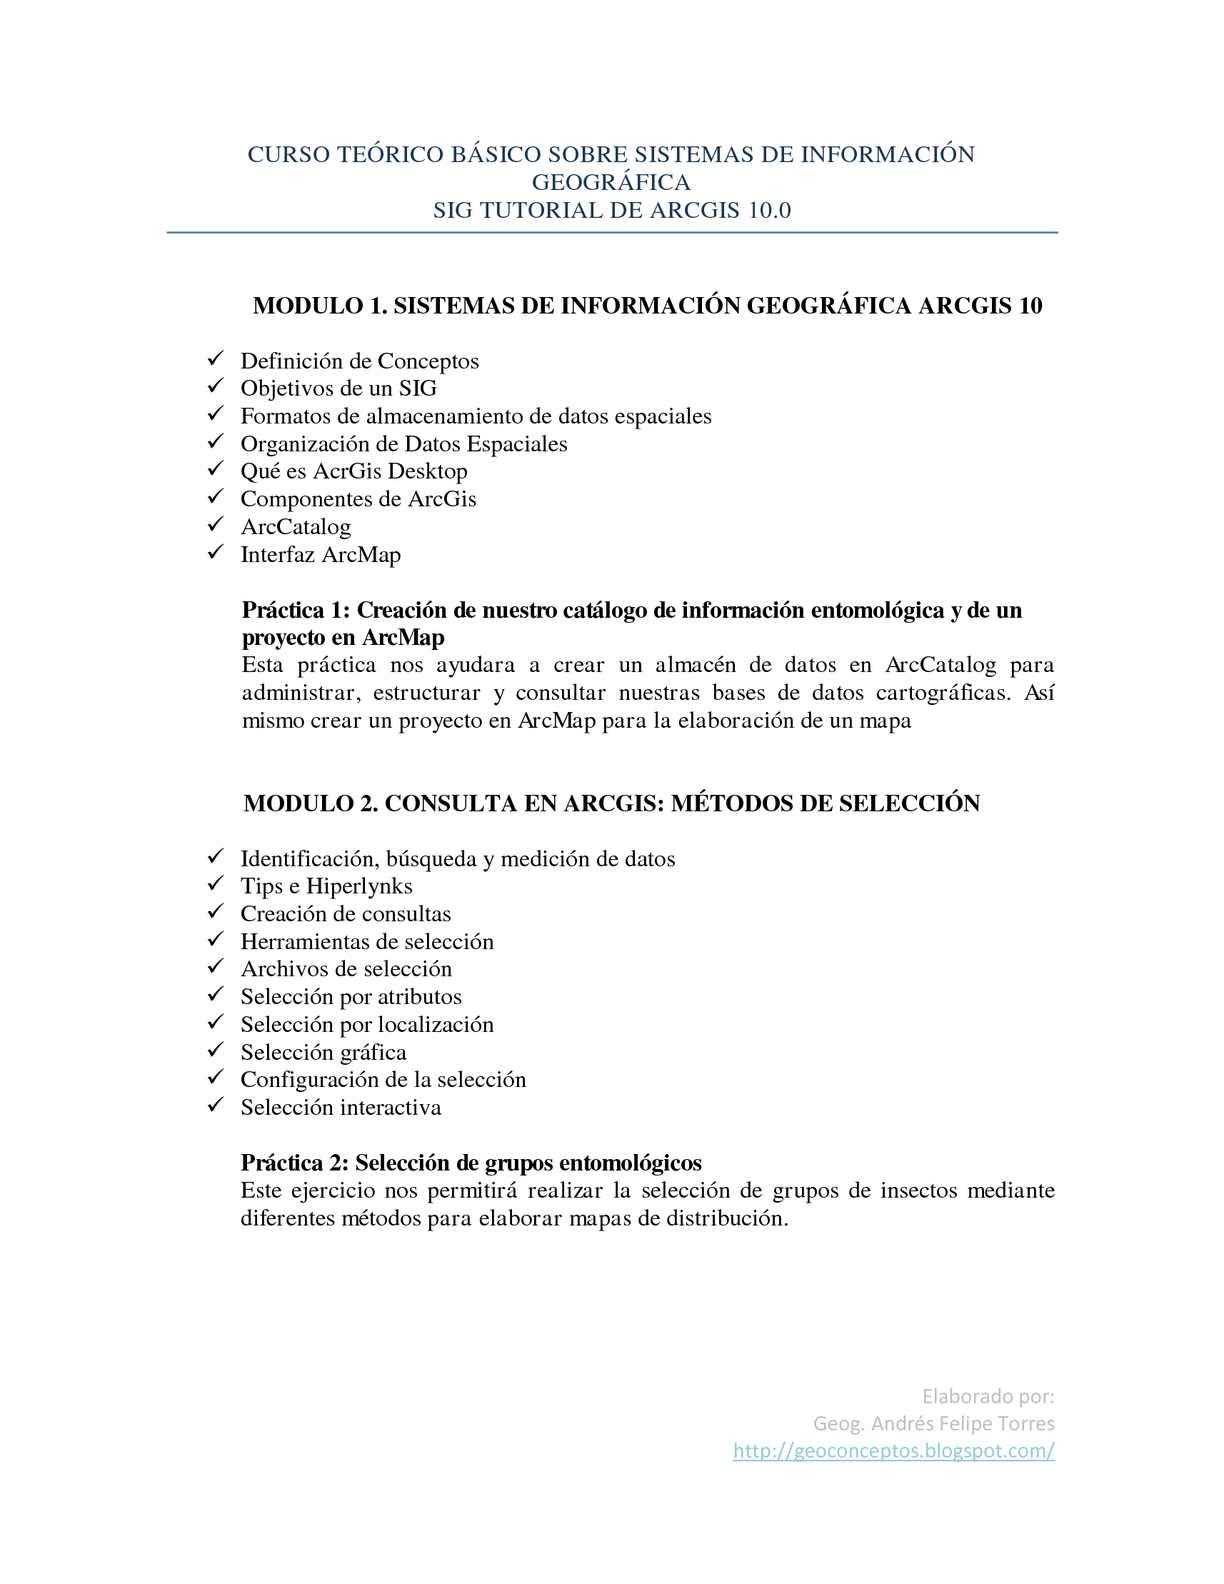 Calaméo - CURSO TEÓRICO BÁSICO SOBRE SISTEMAS DE INFORMACIÓN ...